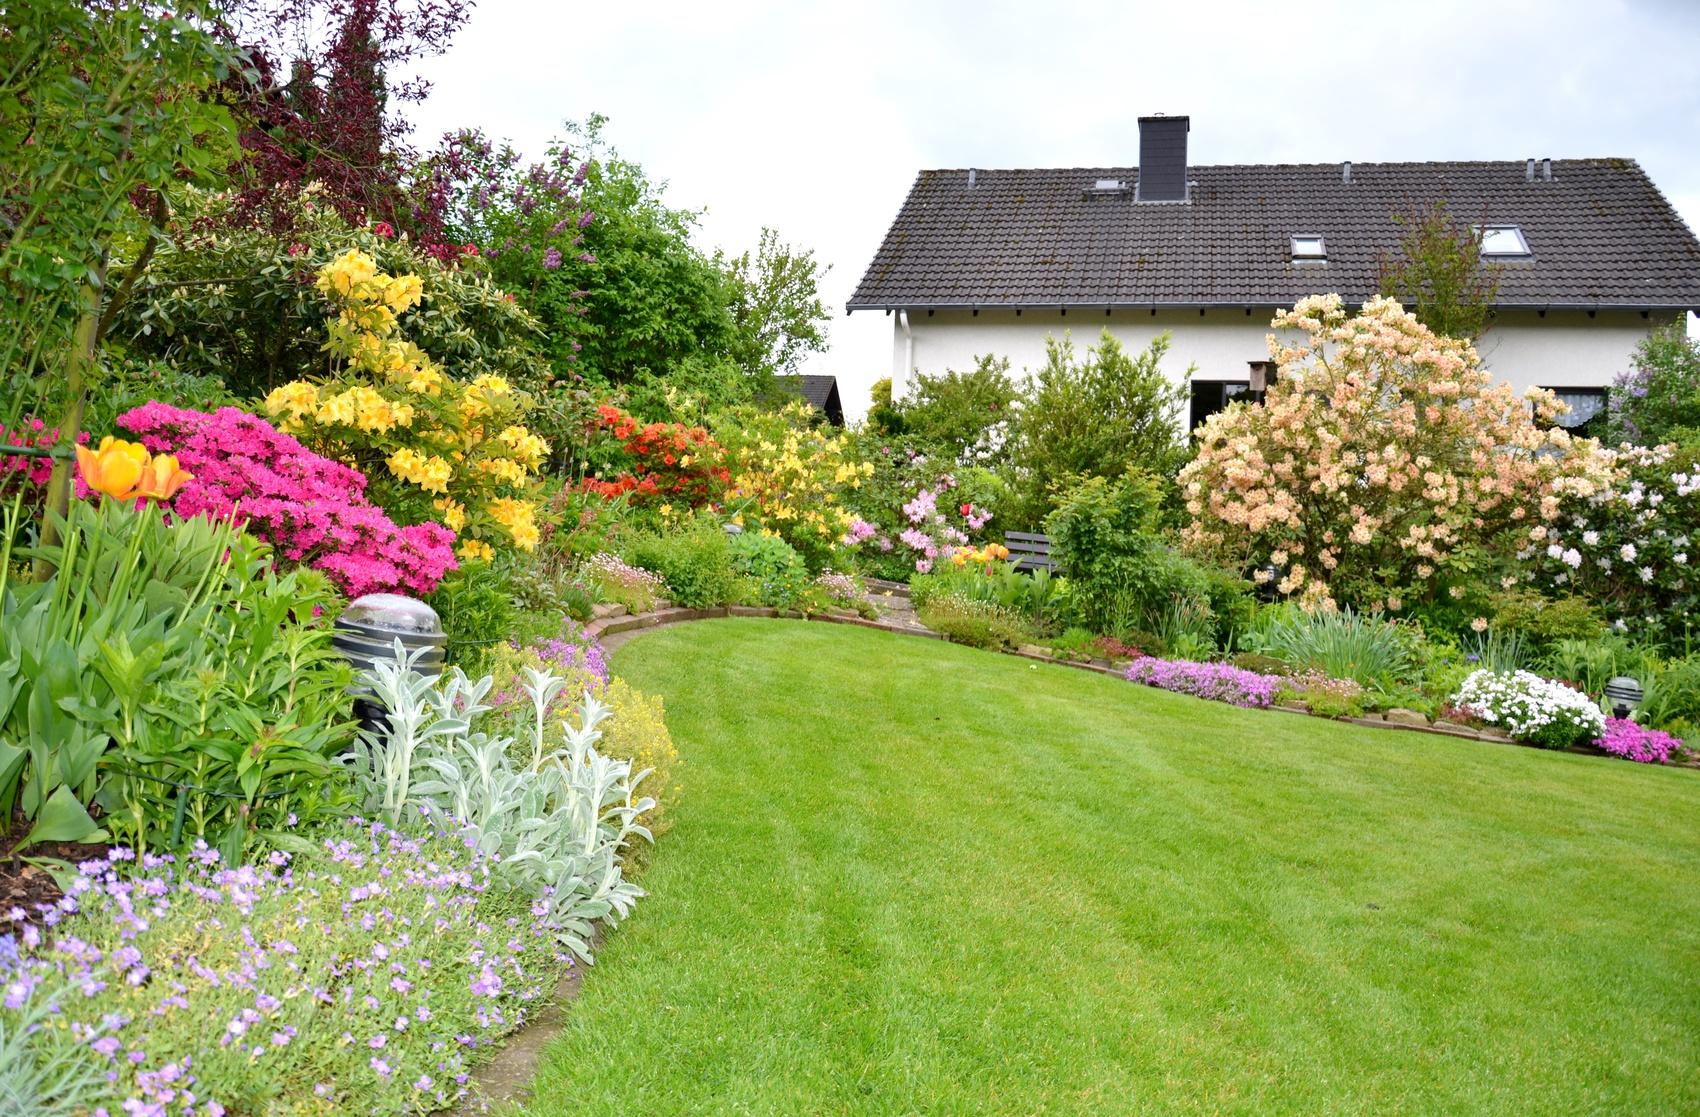 Ganz Schön Und Umweltfreundlich Tipps Für Gesunde Zierpflanzen